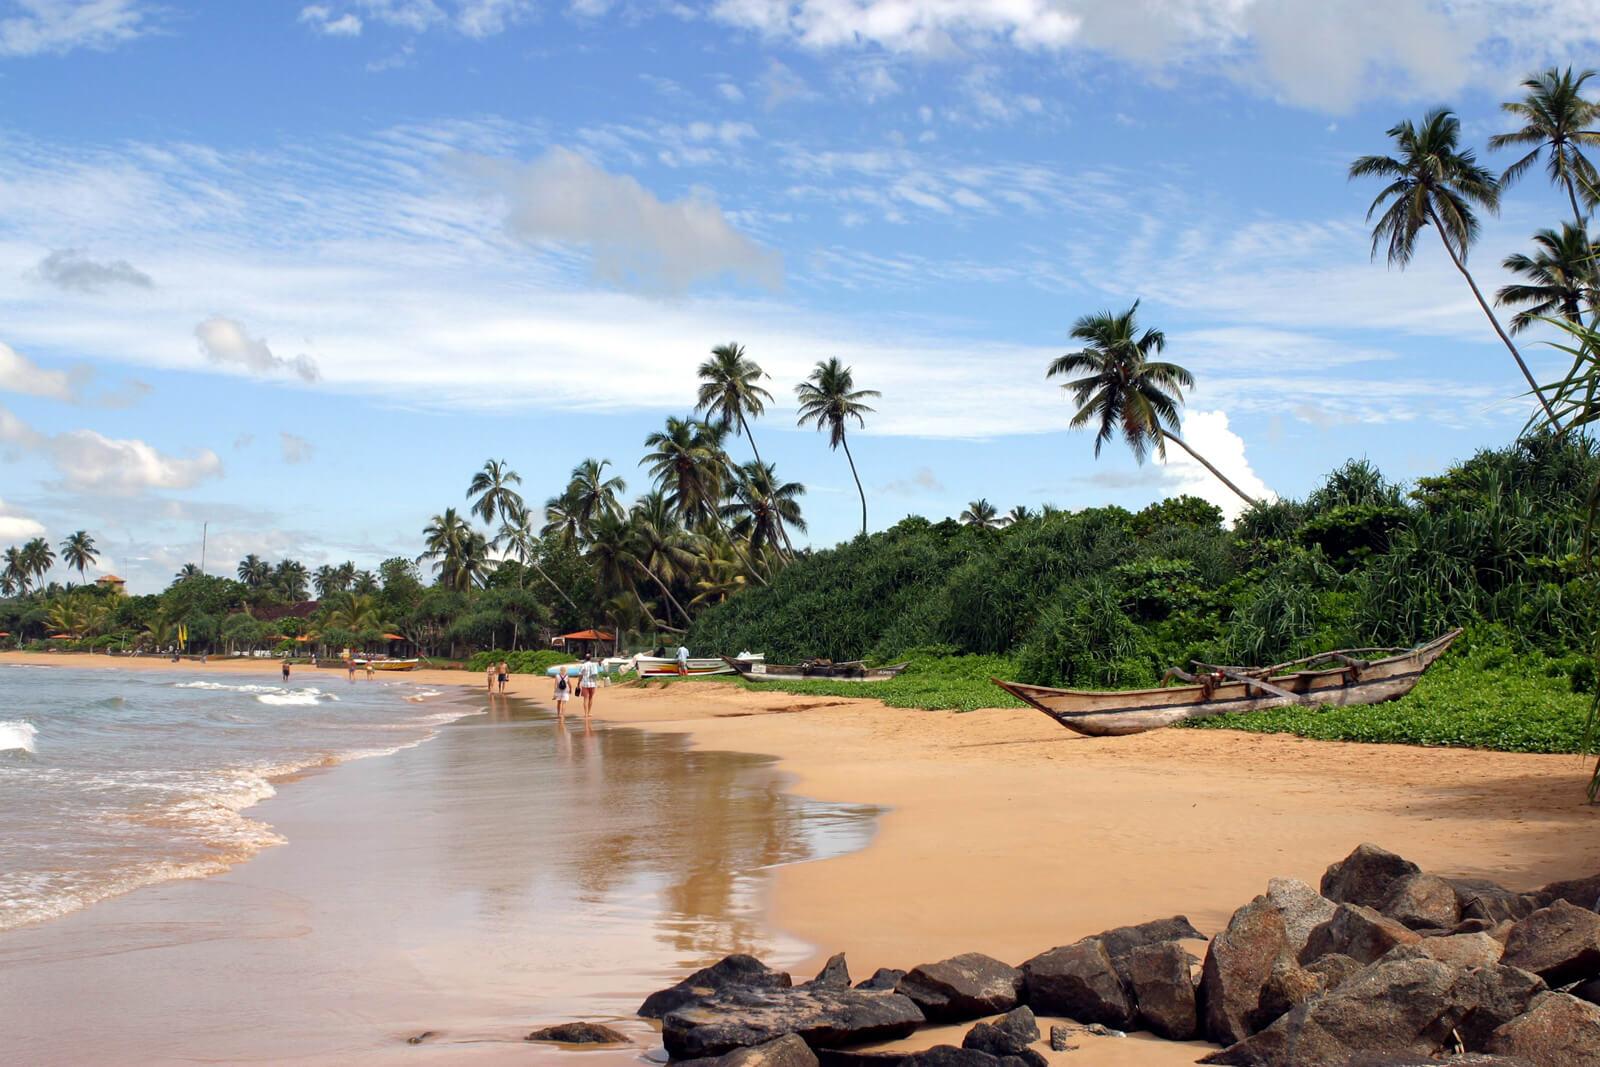 Шри-Ланка, юго-восточное побережье